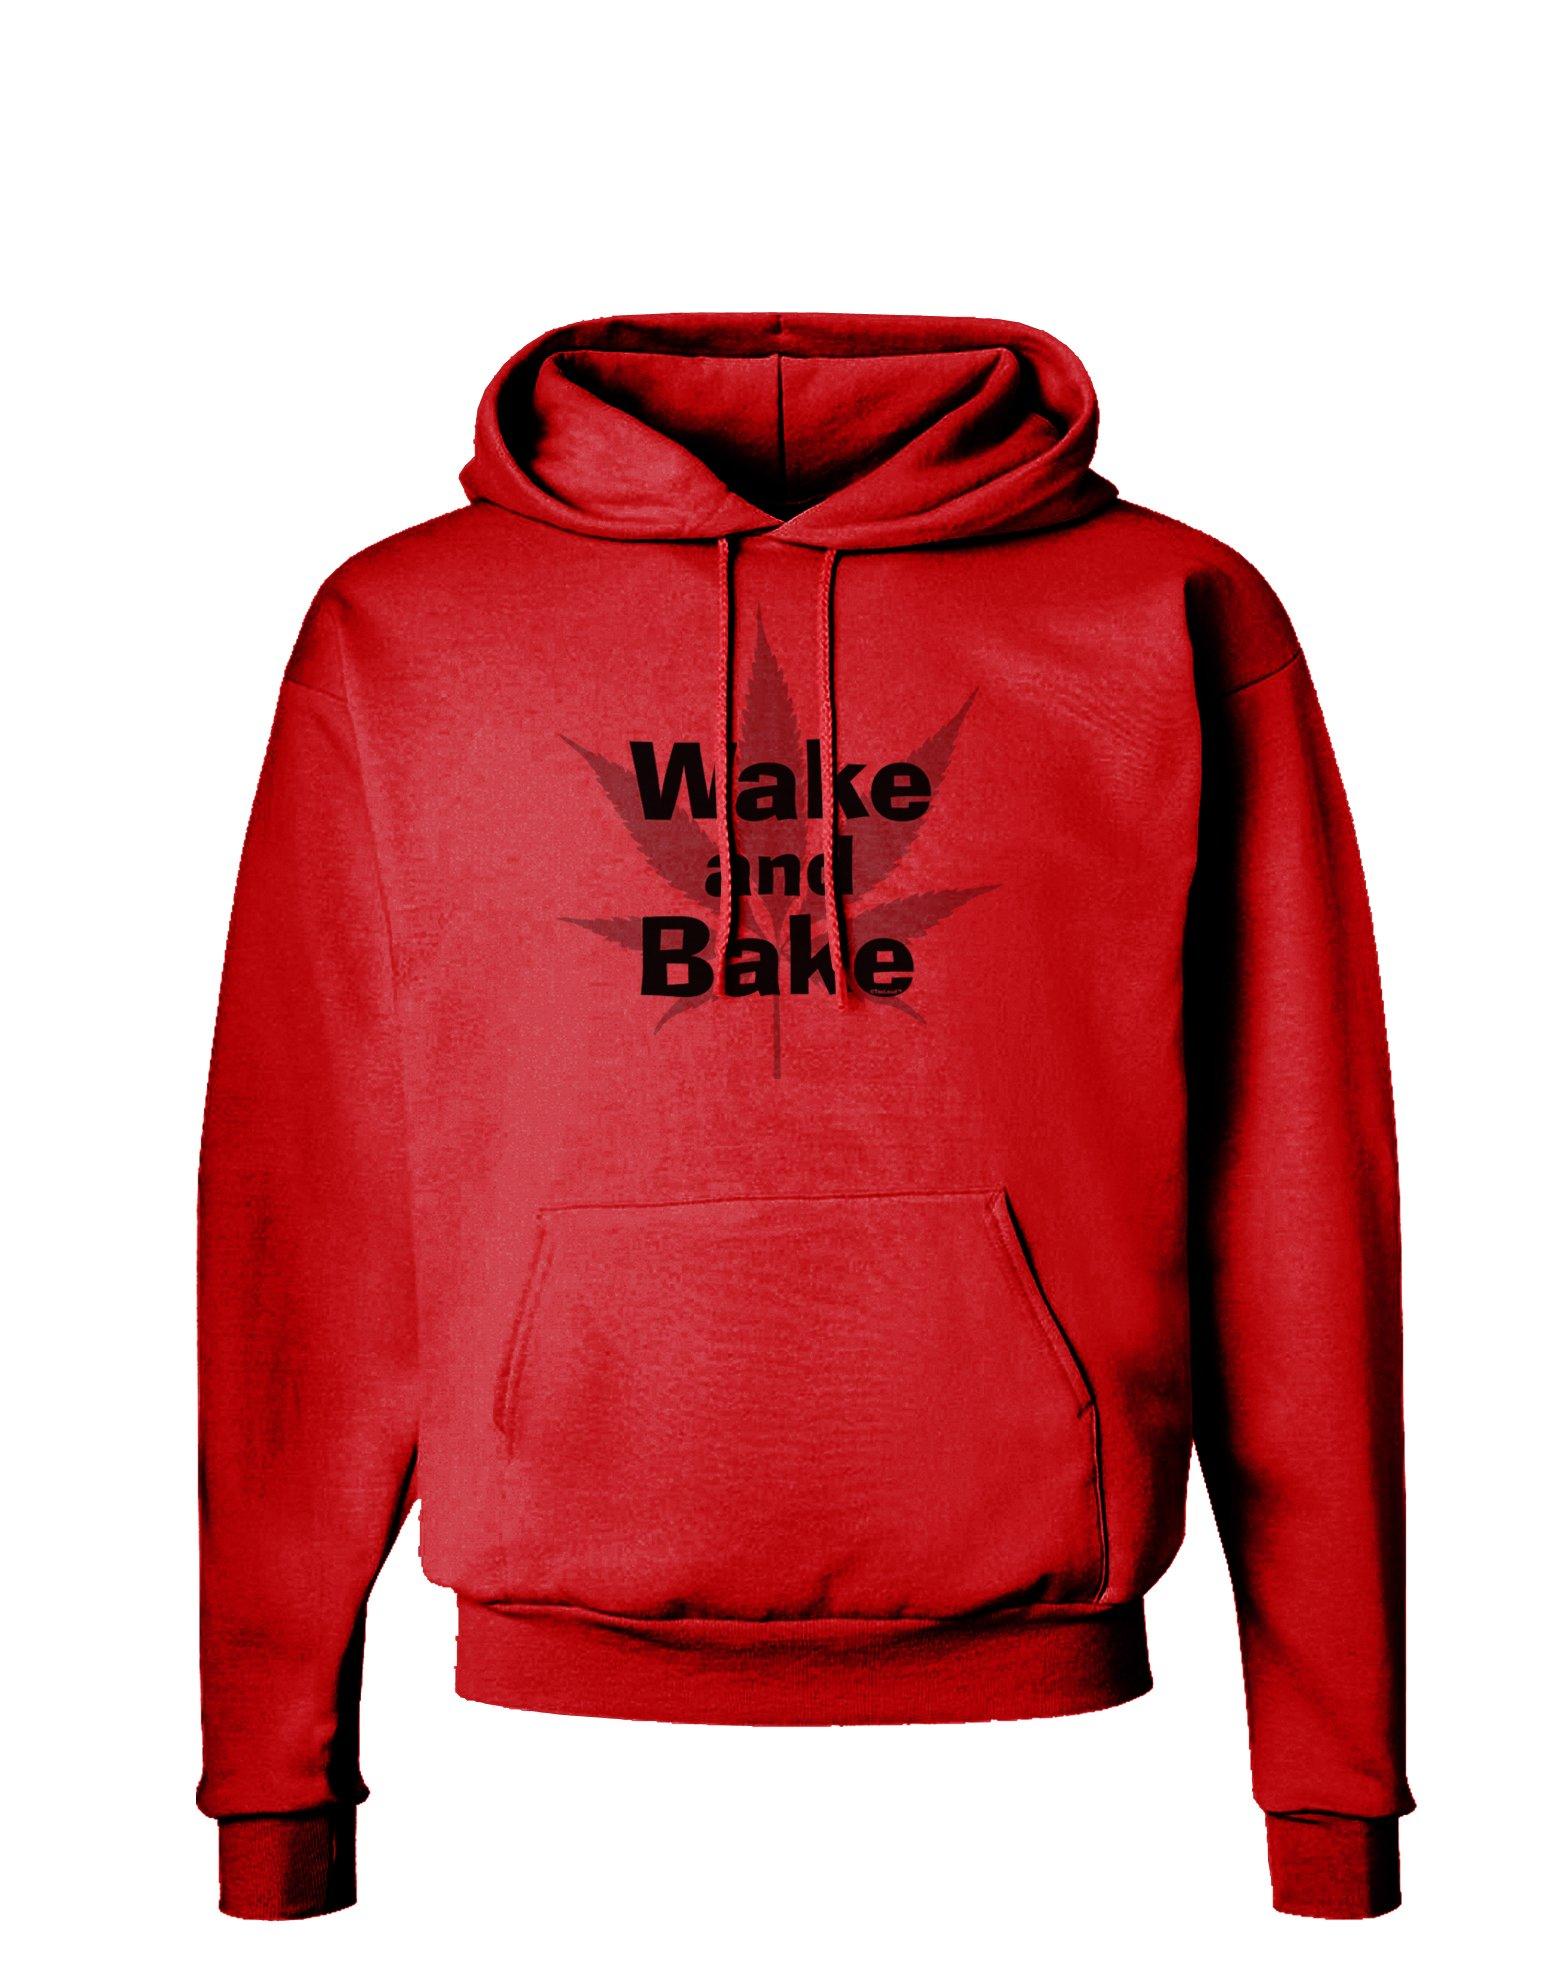 Wake and Bake - Marijuana Leaf B&W Hoodie Sweatshirt